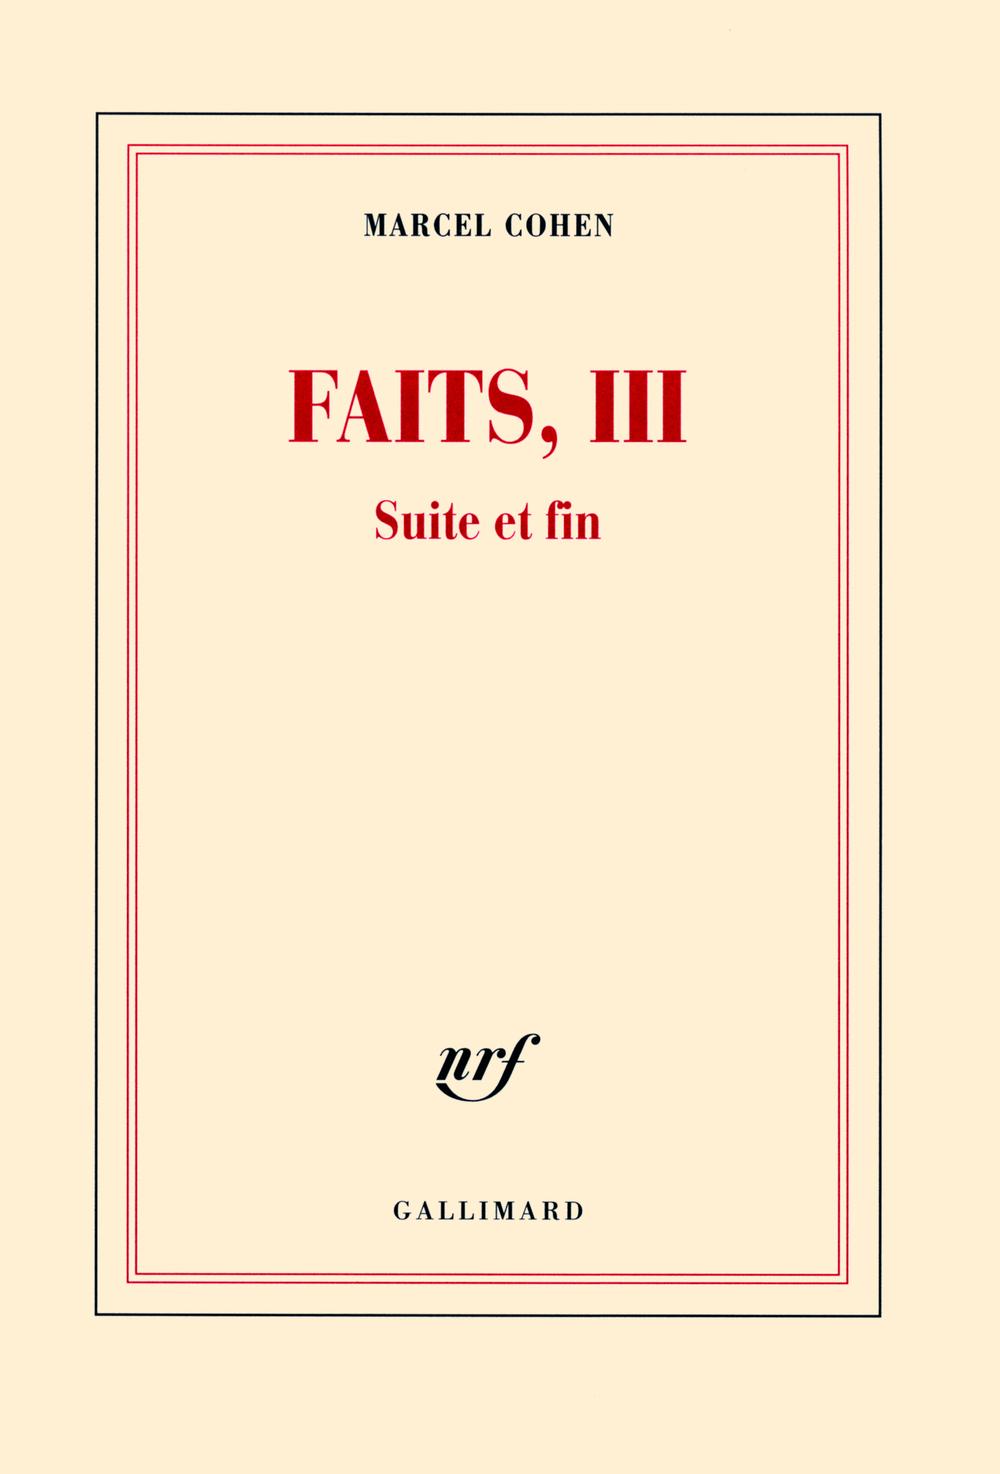 Faits, III Suite et fin